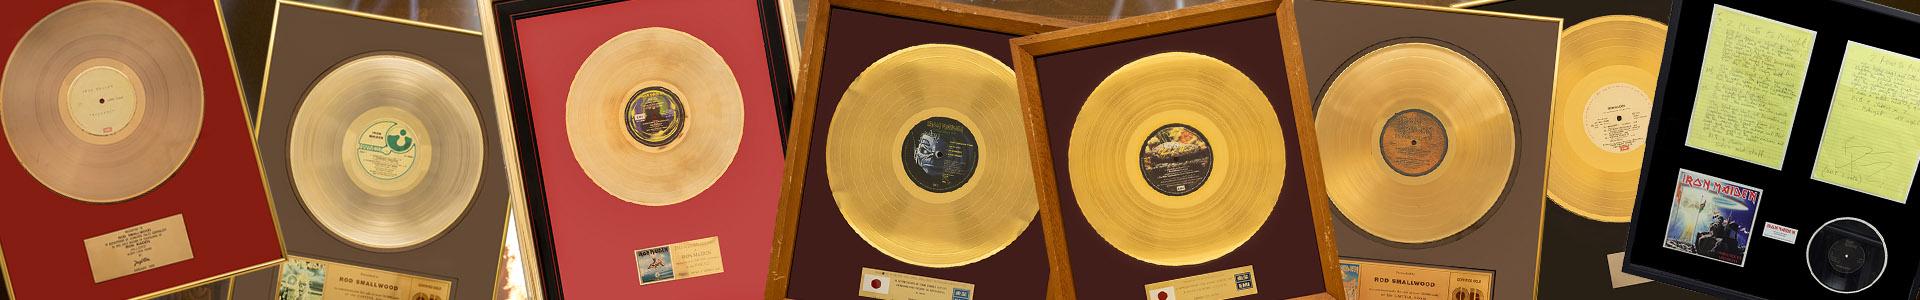 Rod's Charity Auction: Part Two - Discs, Desks & Merch!